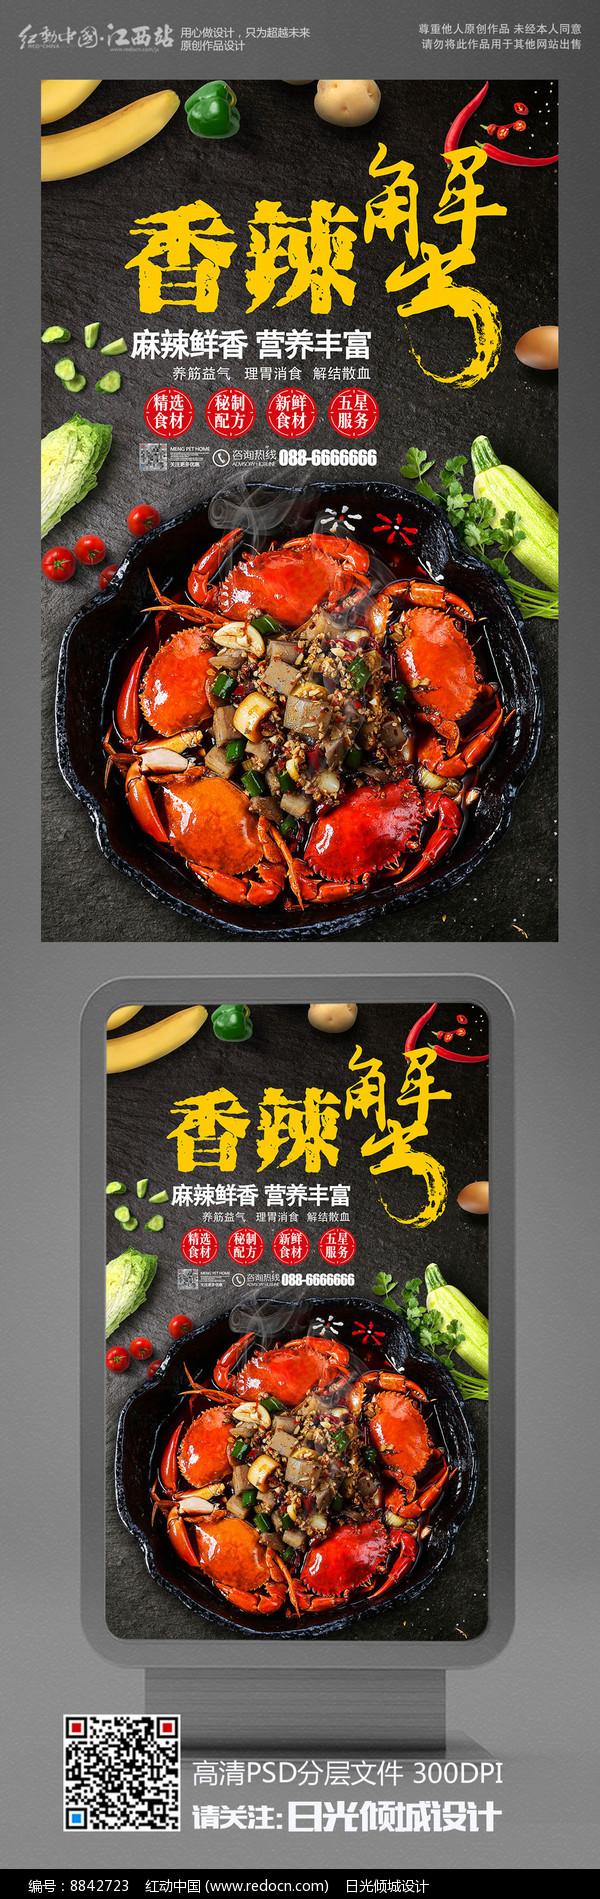 时尚大气香辣蟹宣传海报图片